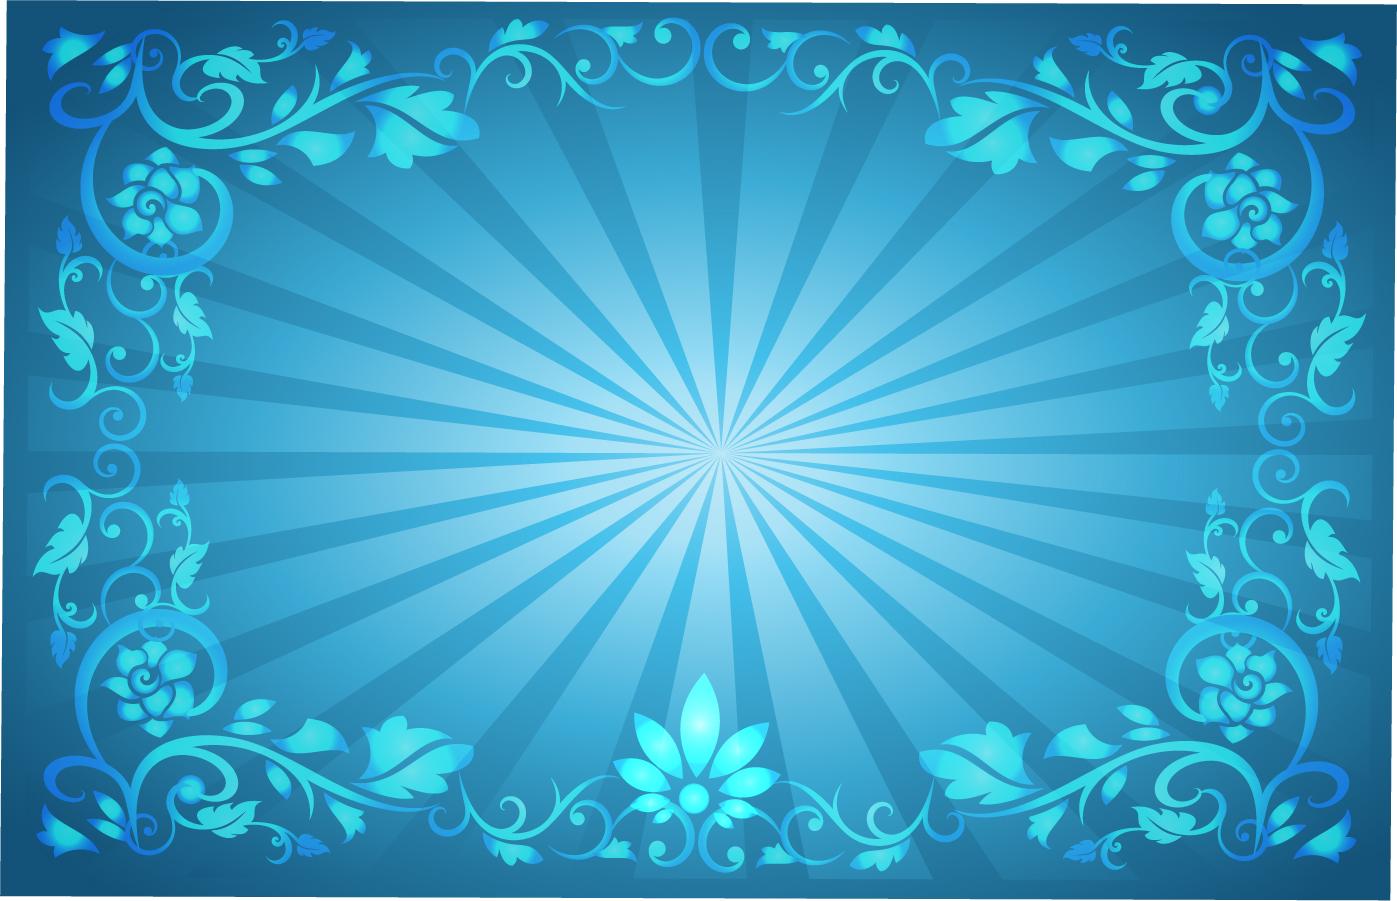 植物フレームの光が拡がる背景 Flower Frame Sunburst Background イラスト素材